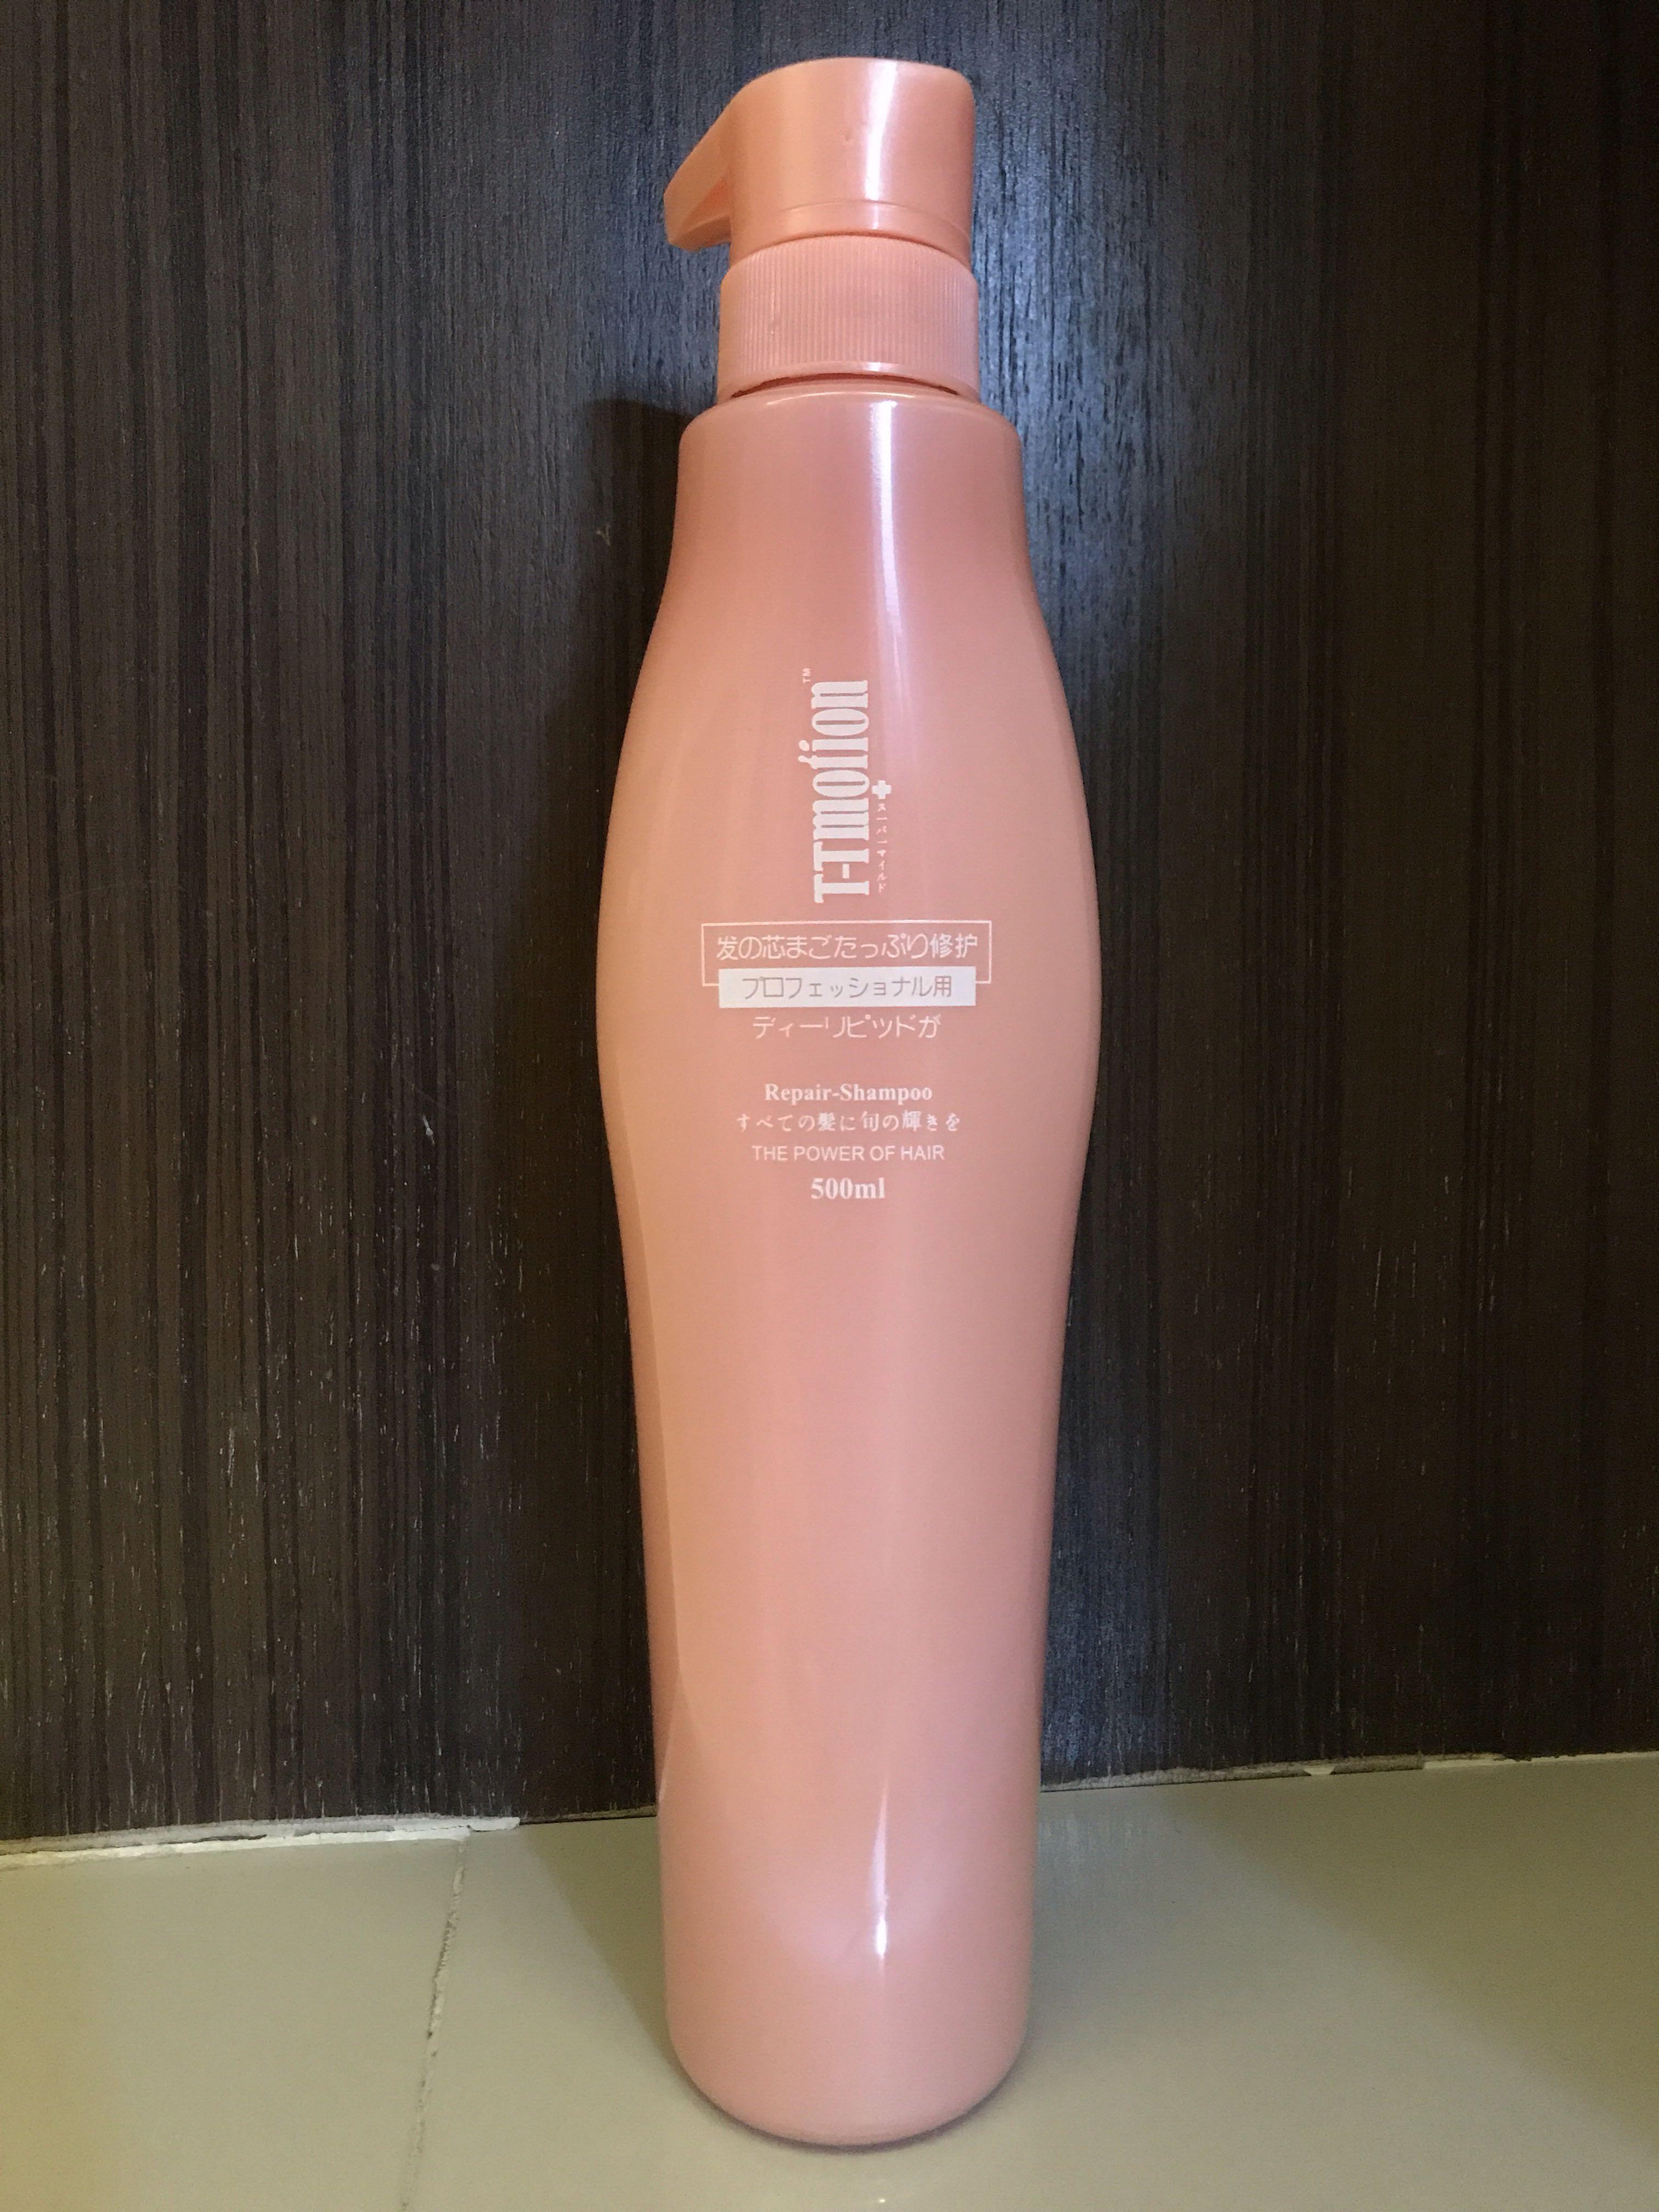 T-T Motion Repair-Shampoo 500ml, Health & Beauty, Hair Care